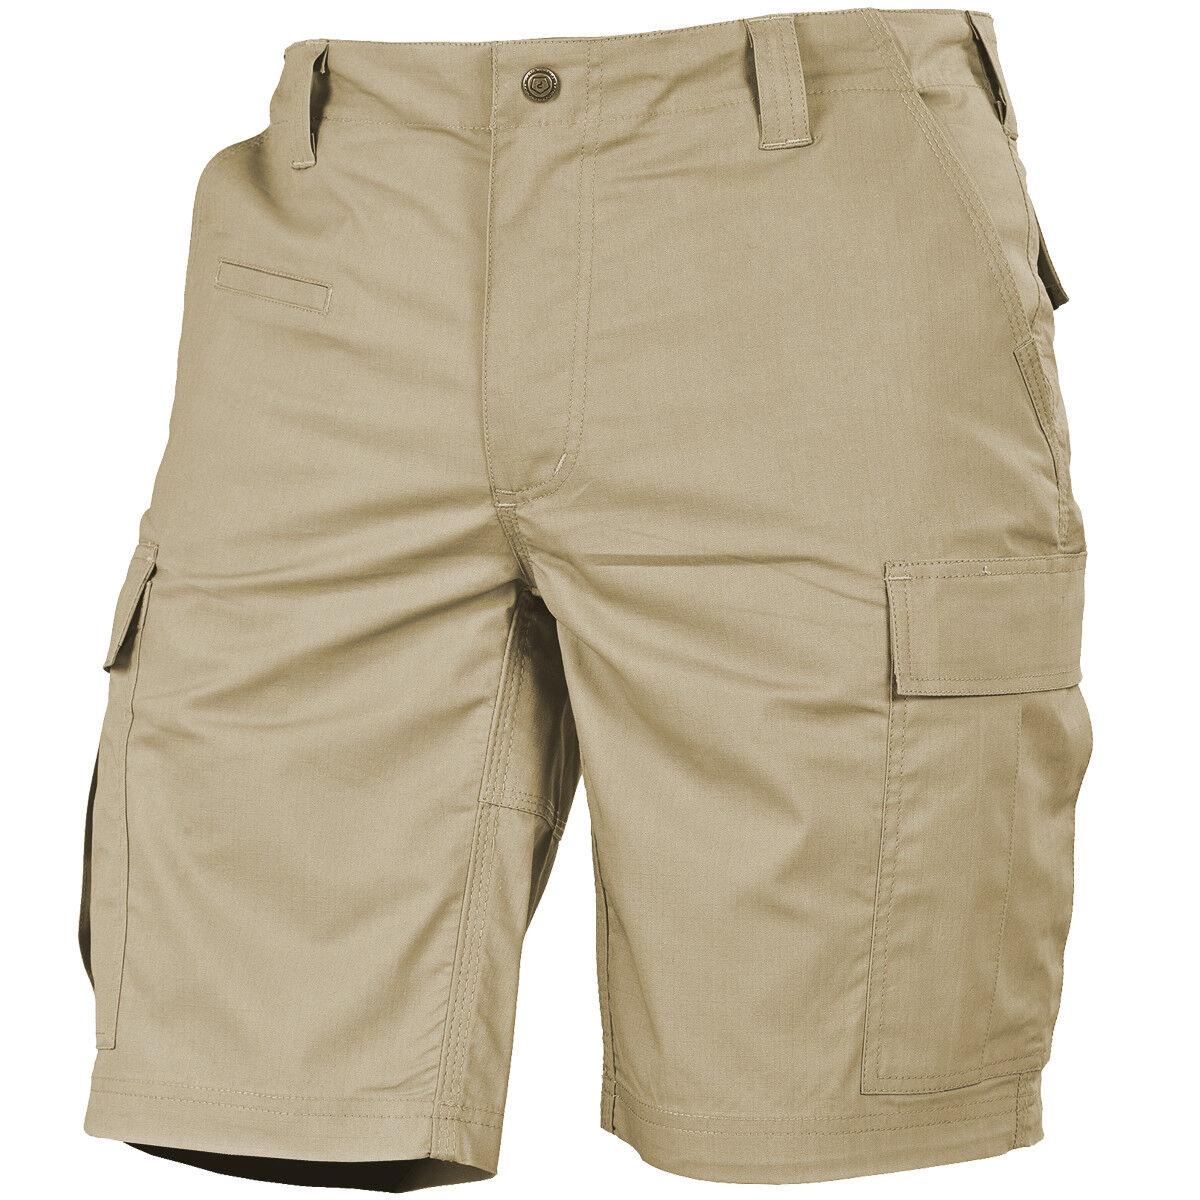 a7000a5685 Pentagon BDU 2.0 Shorts Tactical Mens Cargo Patrol Combat Airsoft Uniform  Khaki